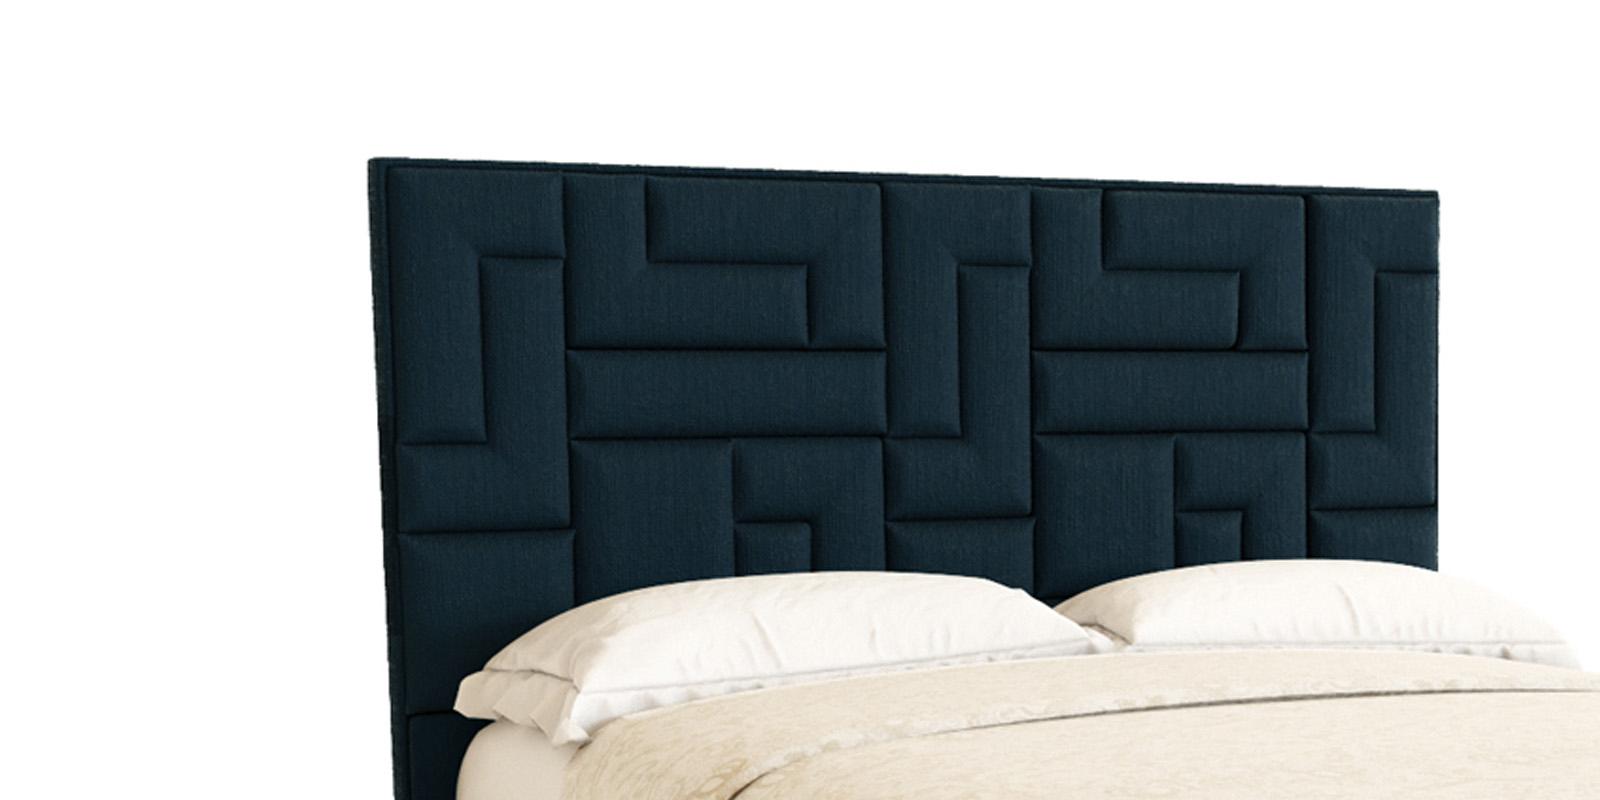 Мягкая кровать 200х160 Логика с подъемным механизмом (темно-синий)